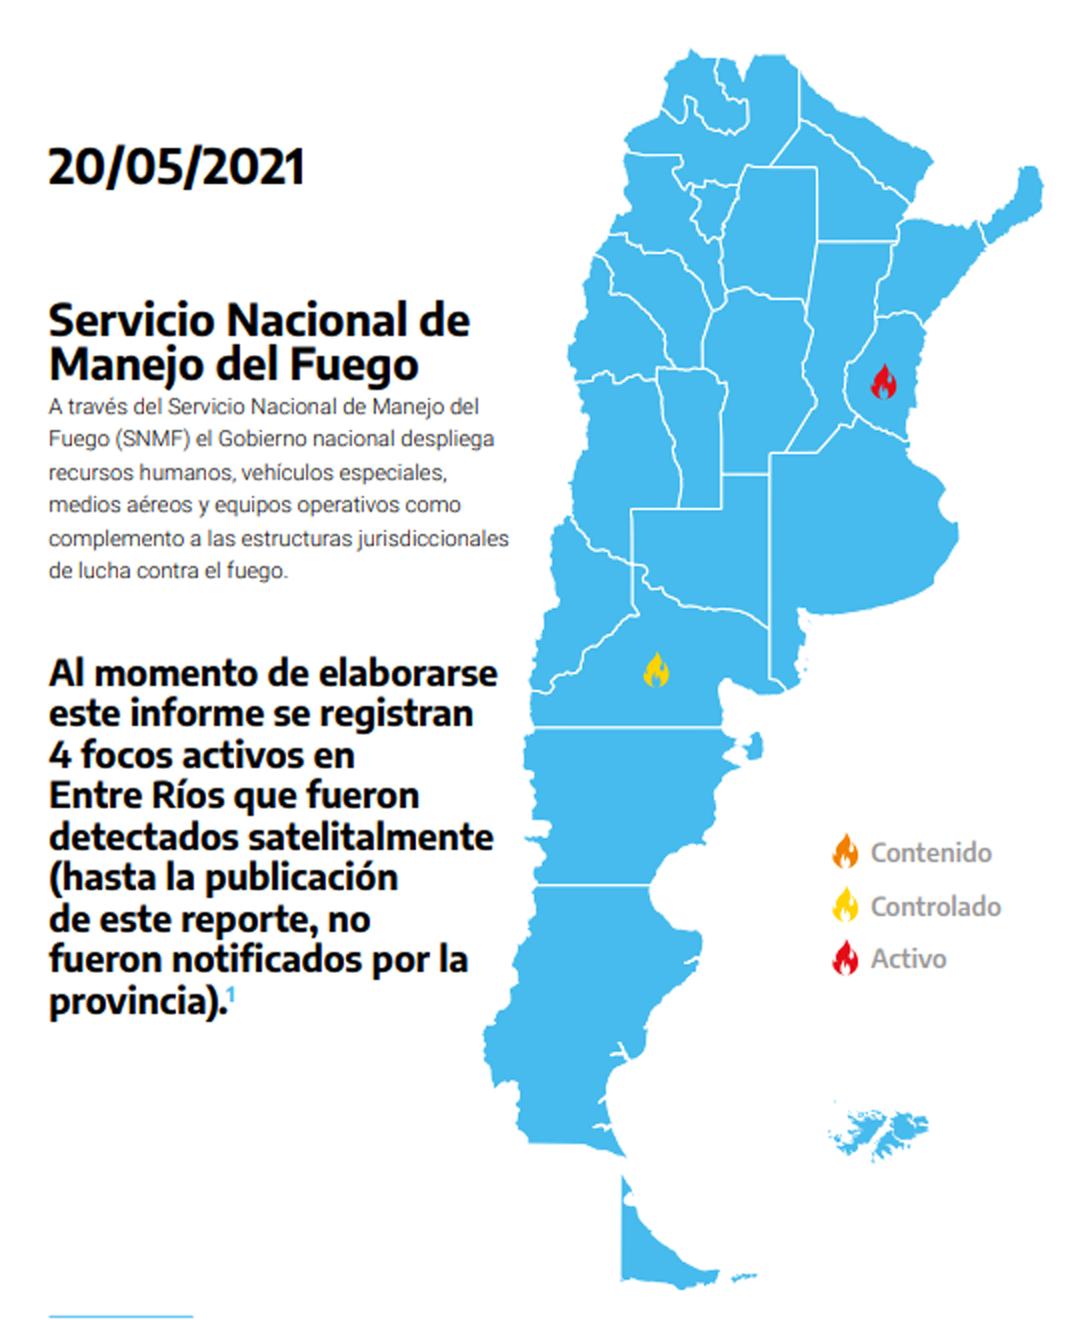 Foto: Servicio Nacional de Manejo del Fuego (SNMF)